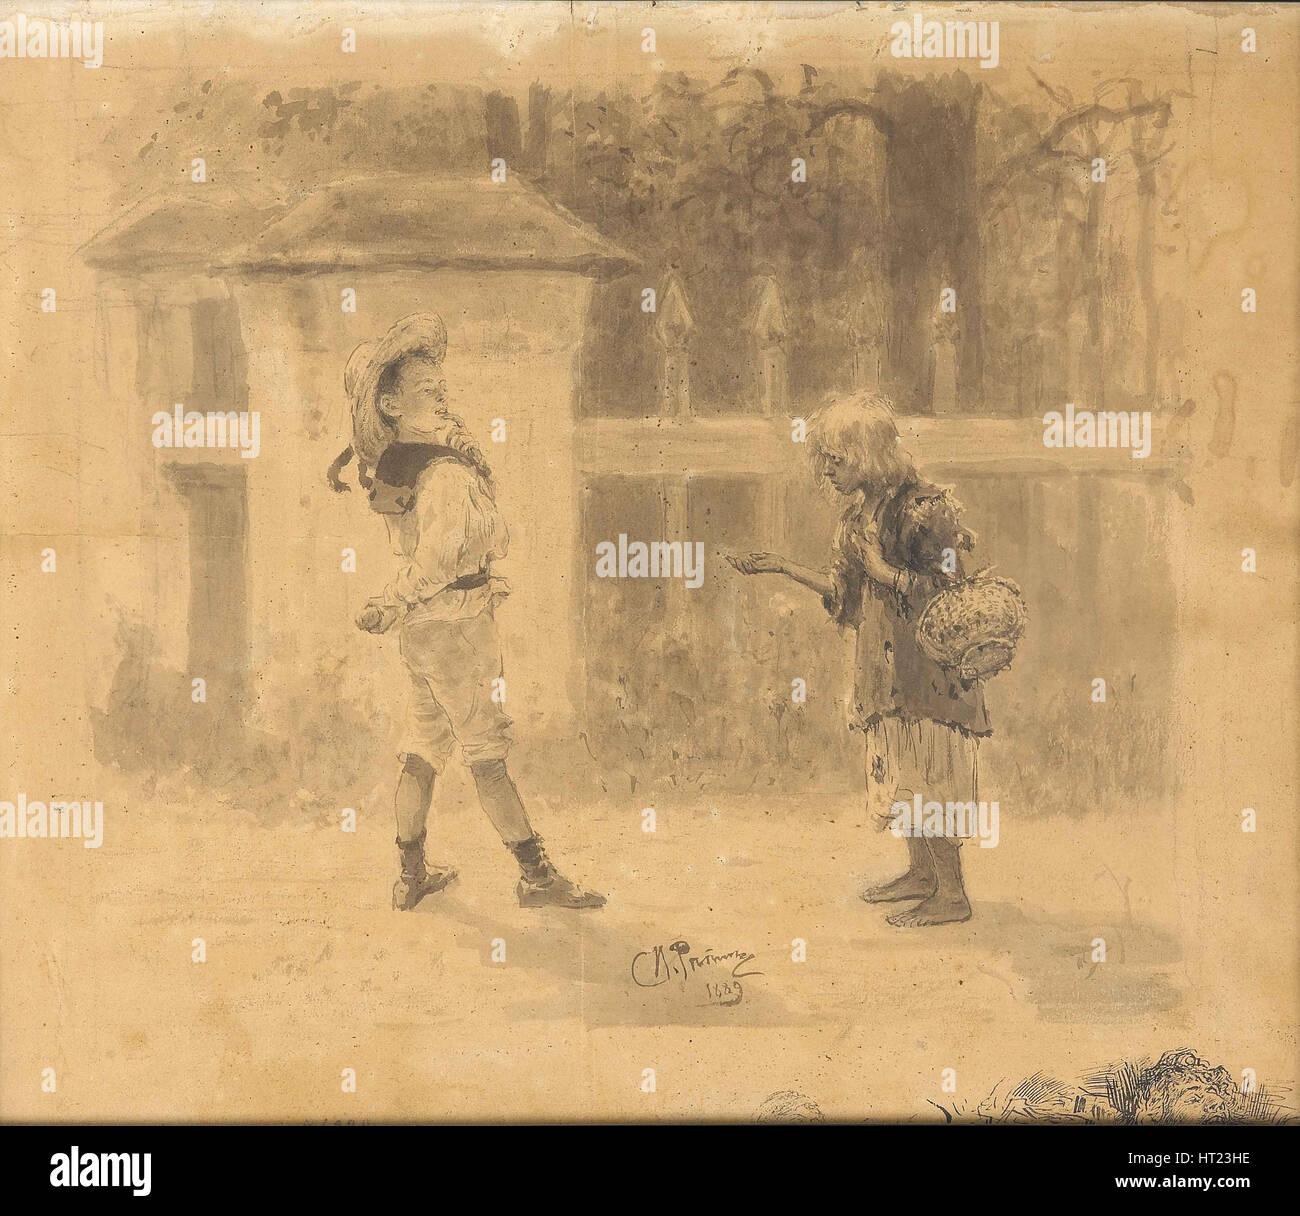 Ragazza di accattonaggio, 1889. Artista: Repin, Ilya Yefimovich (1844-1930) Immagini Stock